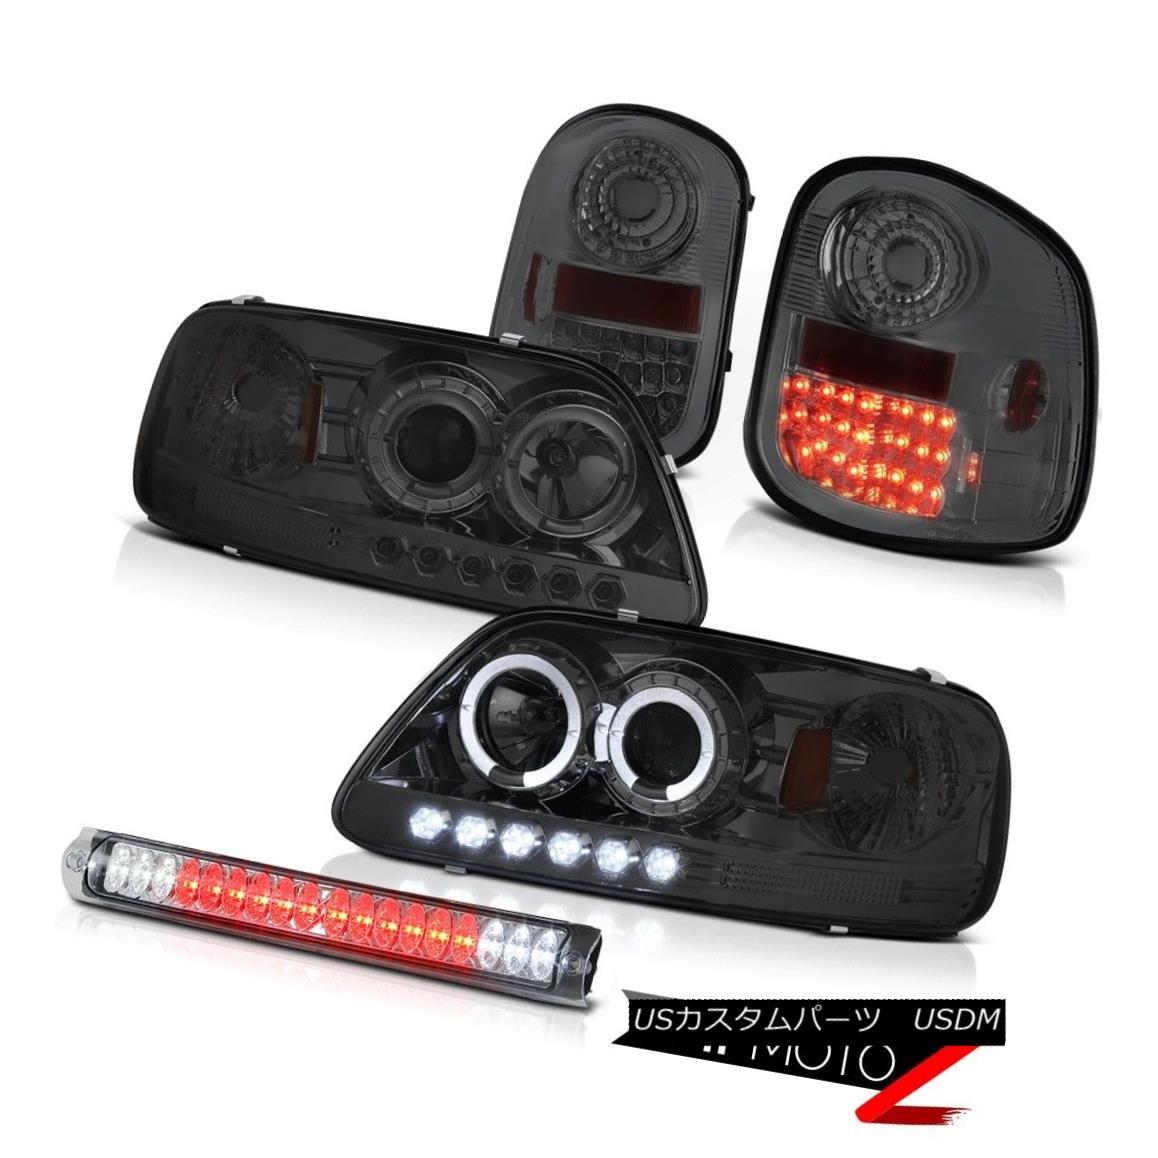 テールライト Smoke Projector Headlights LED Tail Lights Third Brake Cargo 1997-2003 F150 XLT 煙プロジェクターヘッドライトLEDテールライト第3ブレーキカーゴ1997-2003 F150 XLT